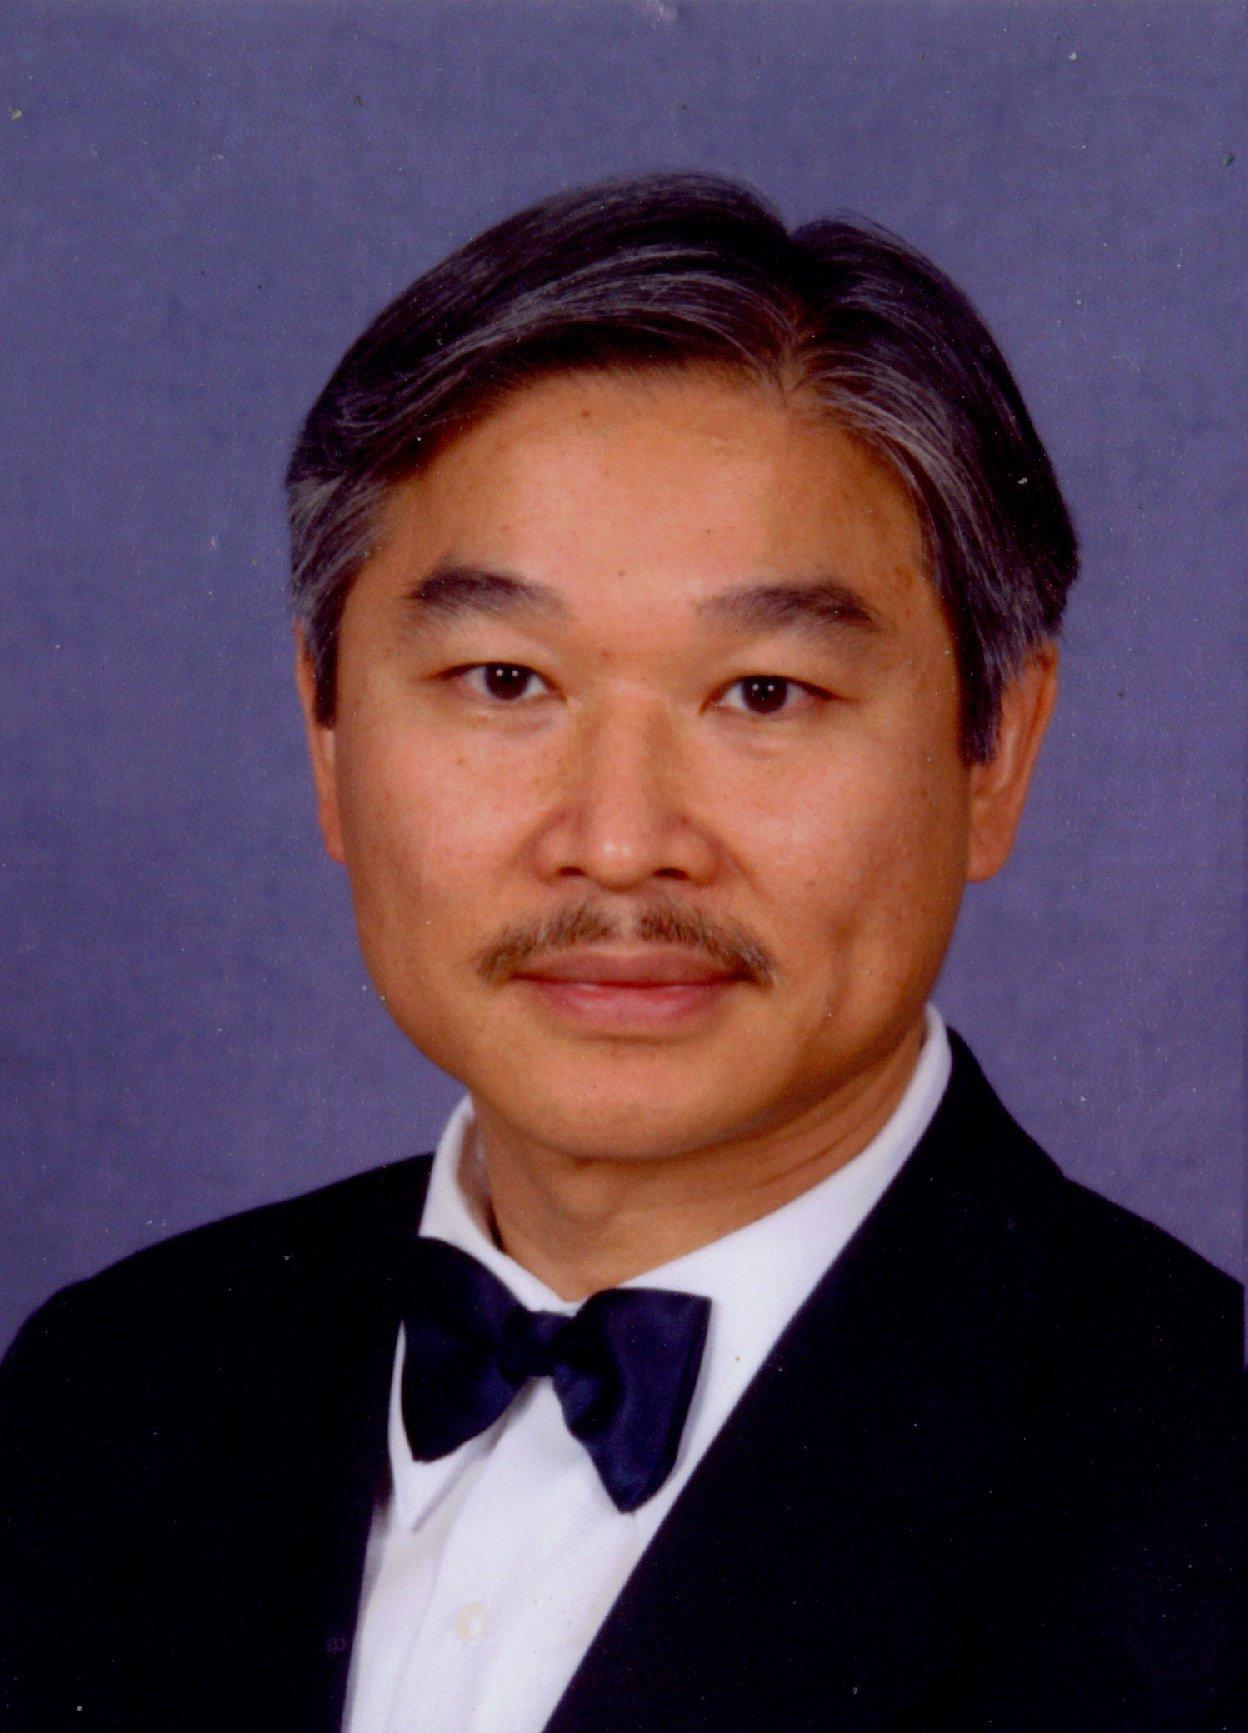 dr-wei_11-30-06-006.jpg